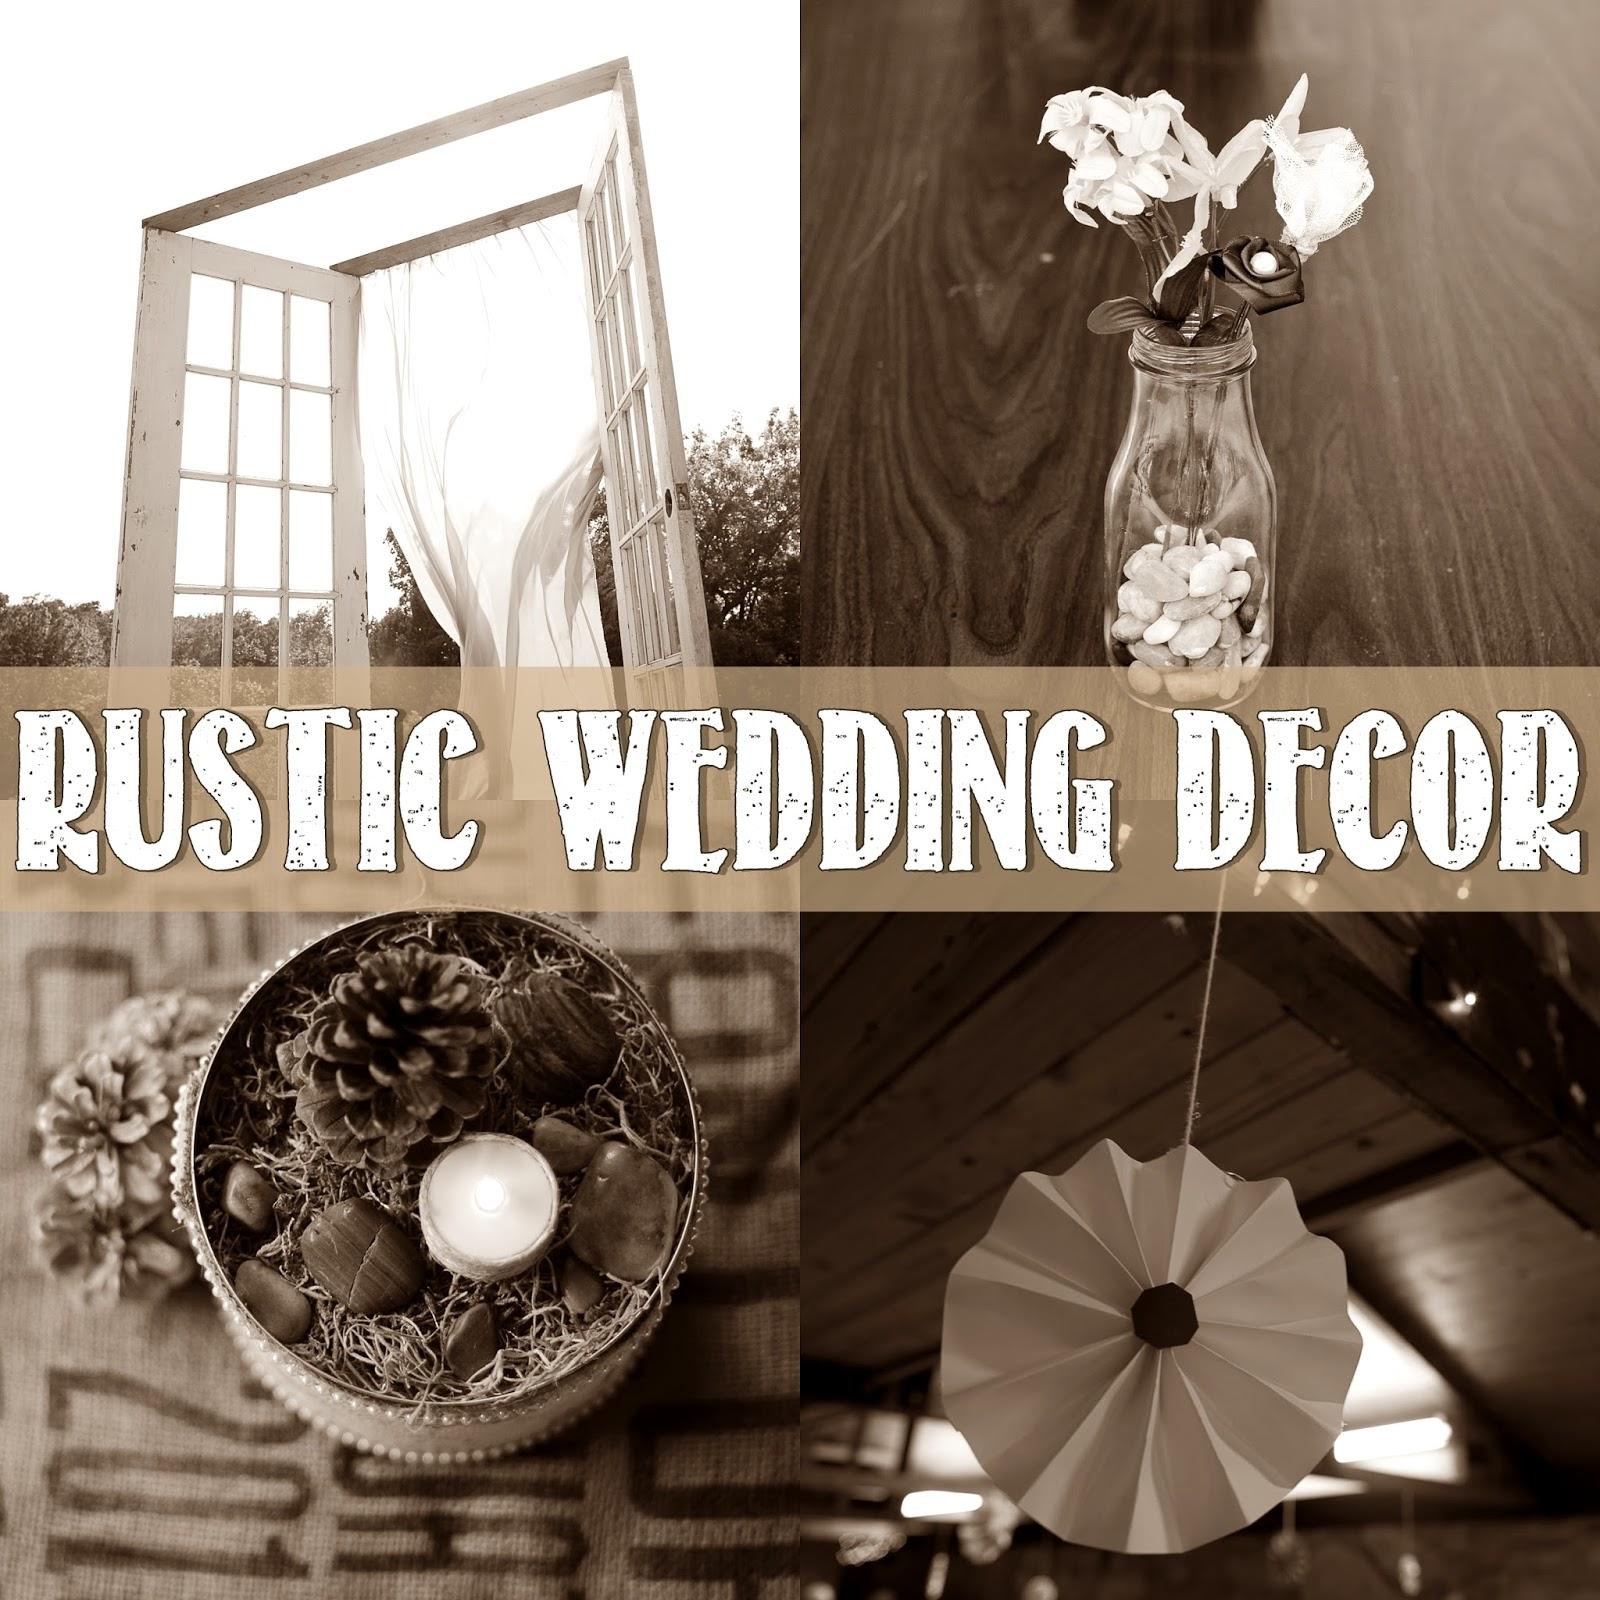 Rustic Door Wedding Ideas: Let's Drink Coffee, Darling: Our Wedding Decor